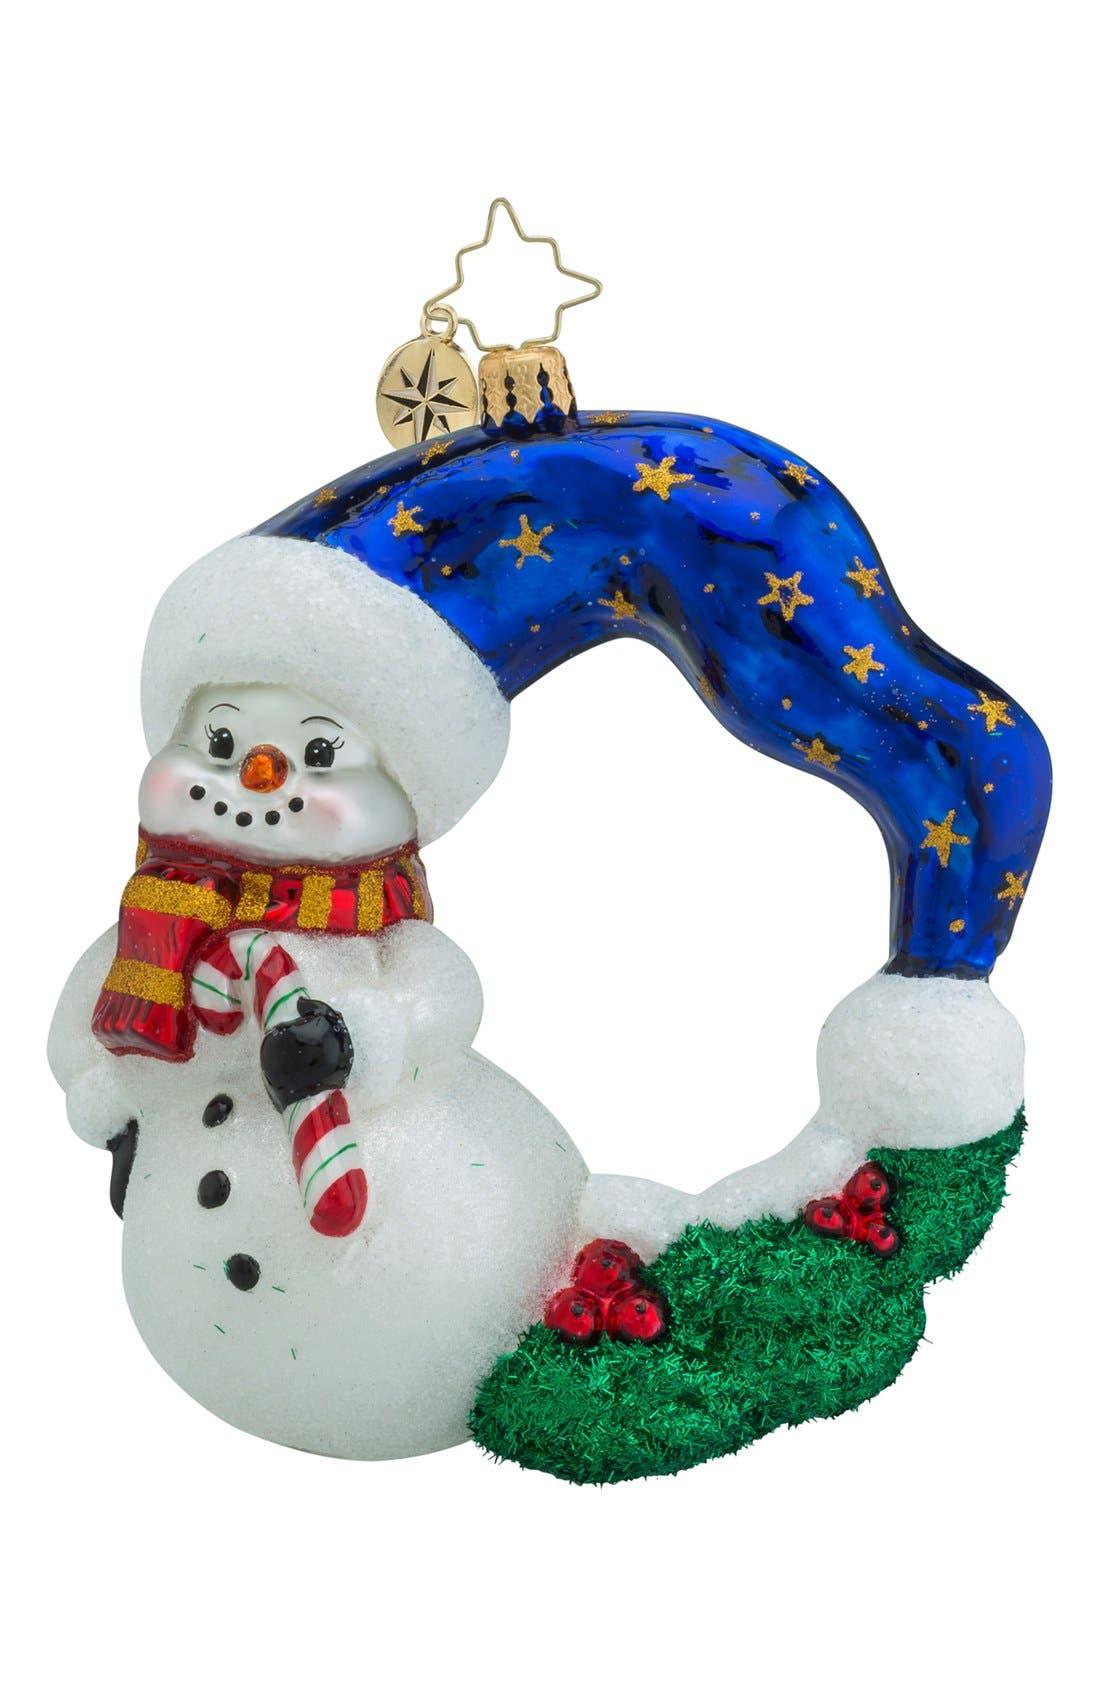 'Cool Chaplet' Snowman Wreath Ornament,                             Main thumbnail 1, color,                             100